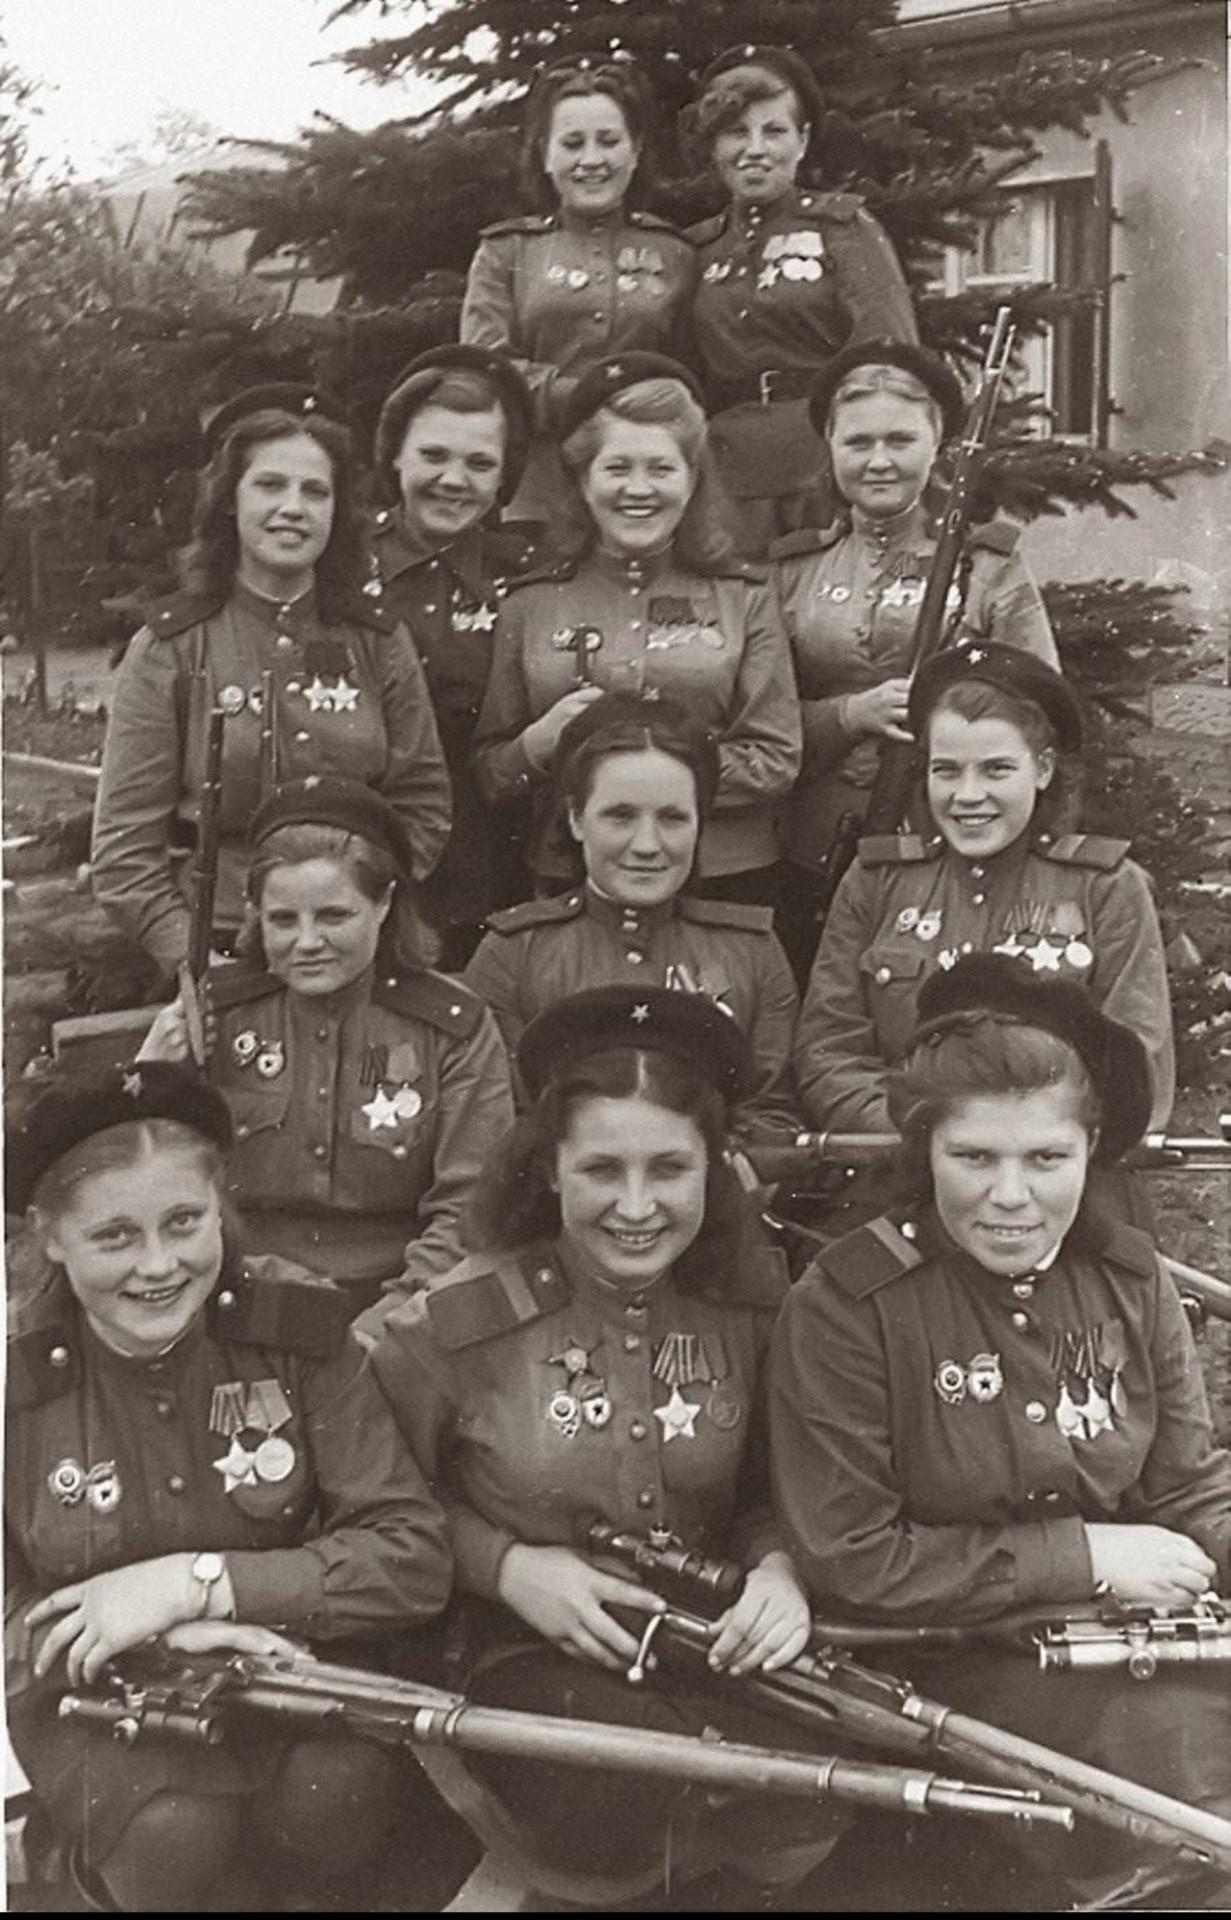 12 советских снайперов, подстреливших 775 немецких солдат во время Второй мировой войны, 1945